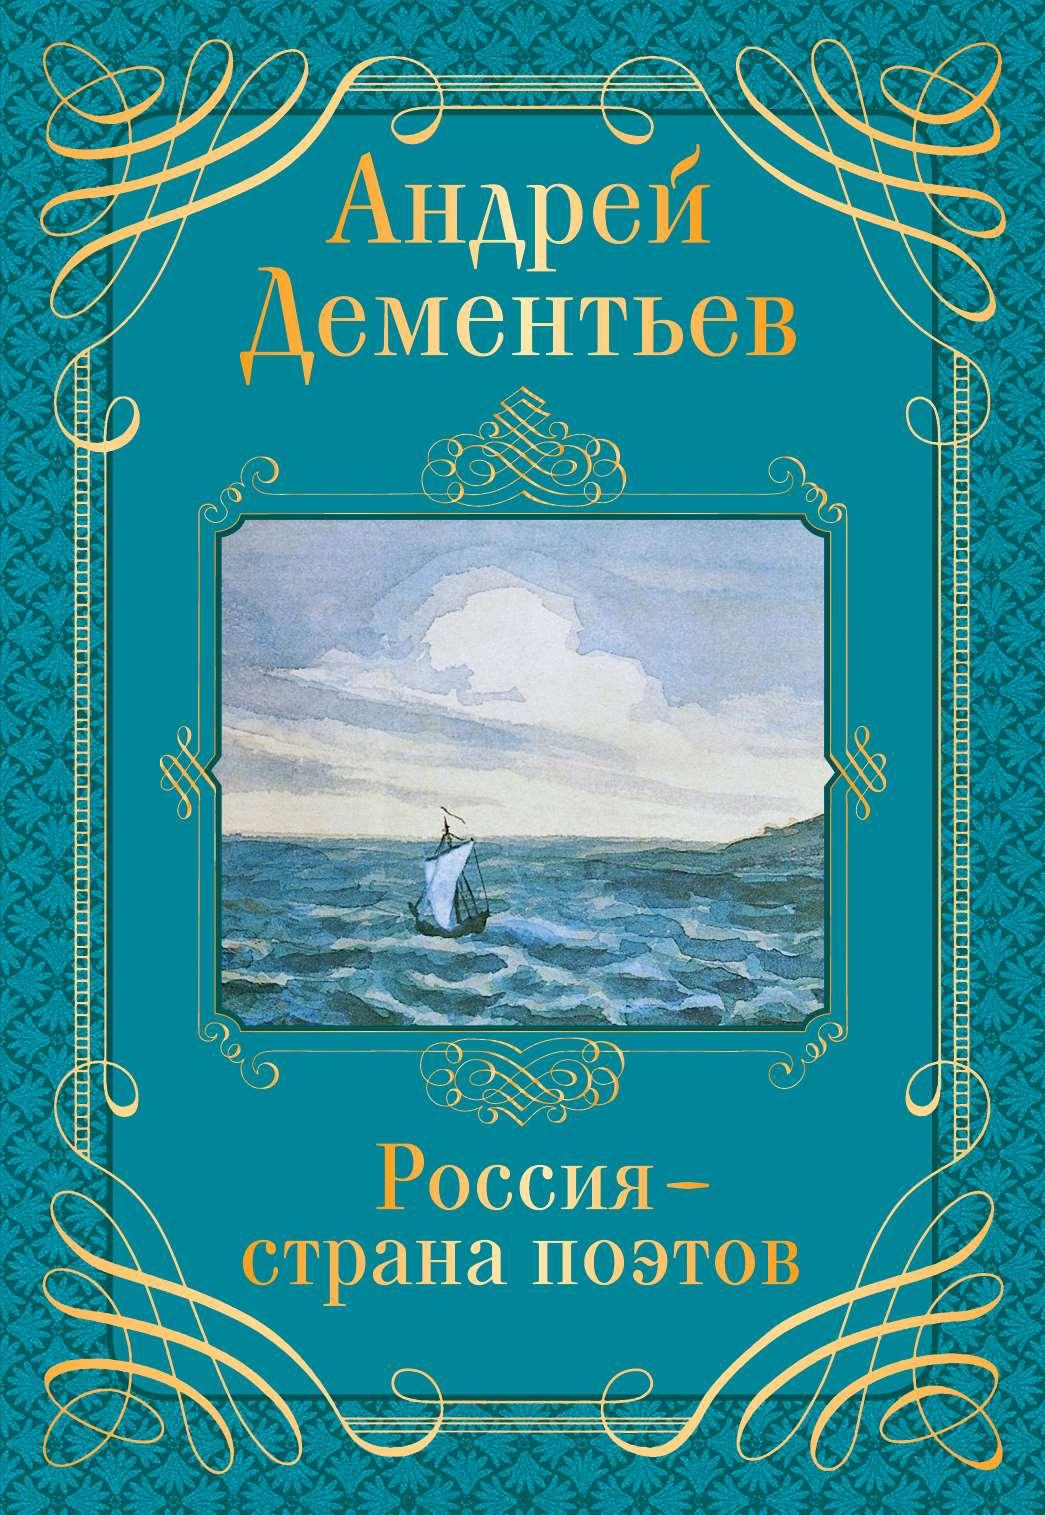 Андрей Дементьев Россия – страна поэтов андрей дементьев стихотворения